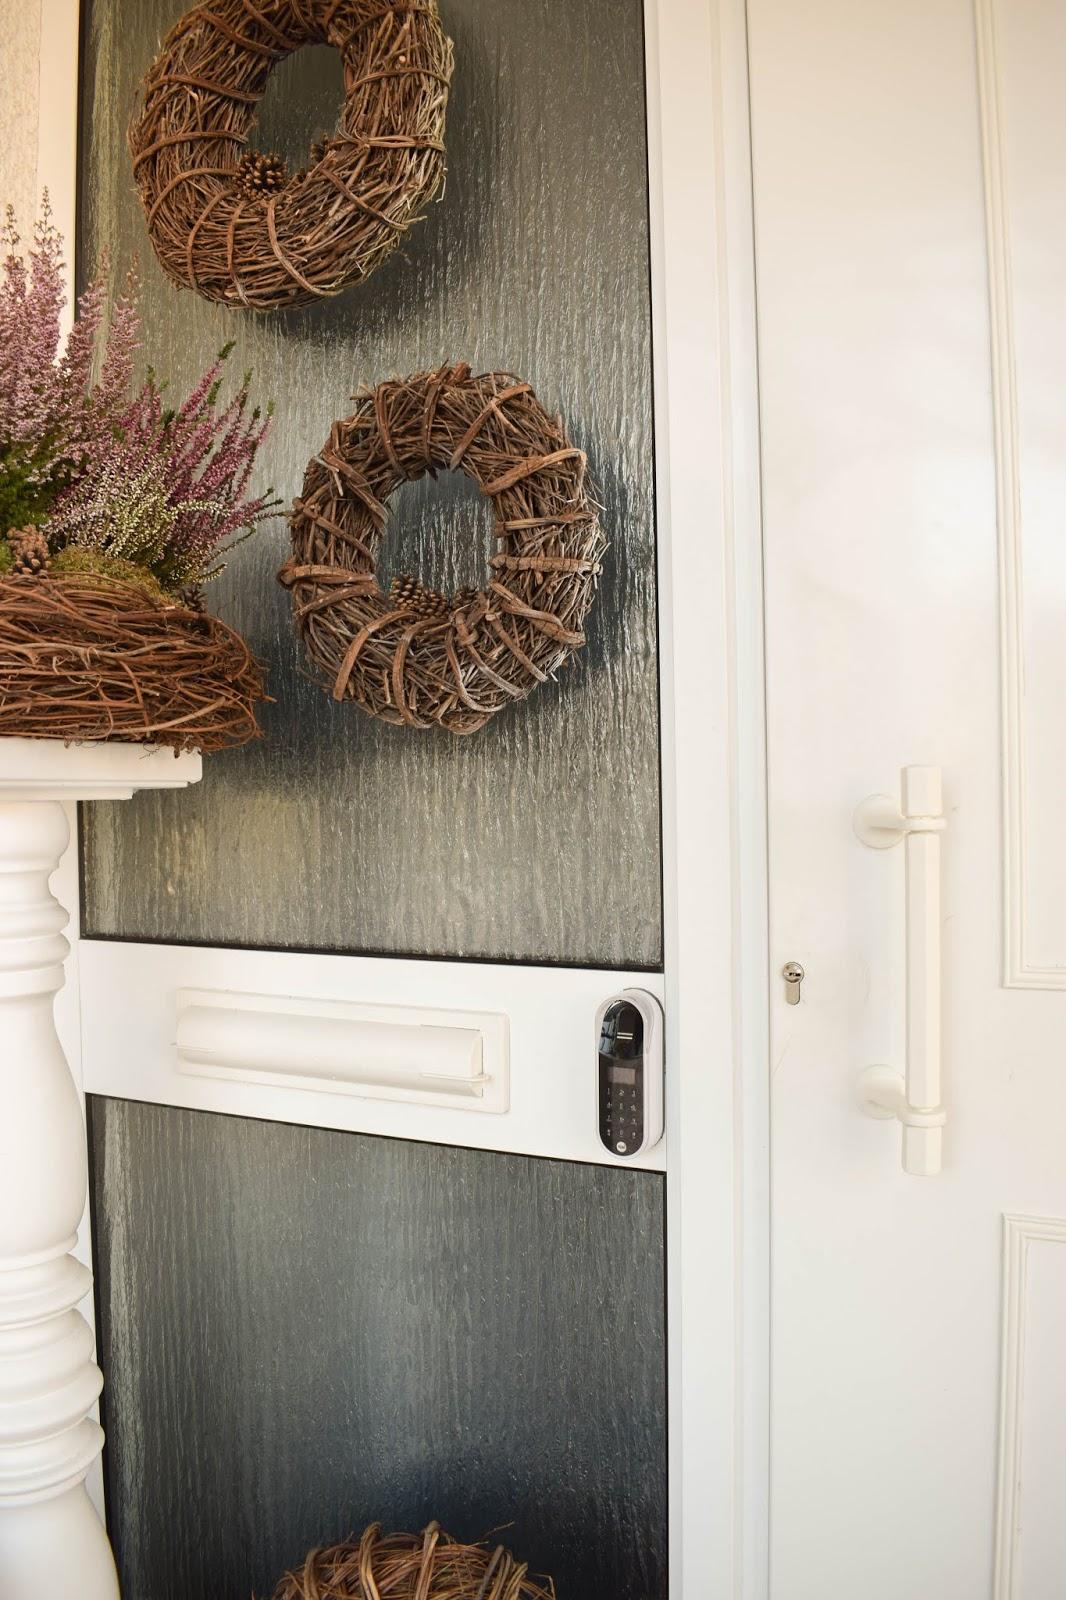 Herbstdeko Dekoidee Herbst Kränze Eingang Renovierung Tür natürlich dekorieren Renovierung Tür, Eingang, Diele. Yale Entr Smartlock: smartes Türschloss für Haustüre. Schliesssystem und intelligente Schliessloesung. Smart Home Ideen